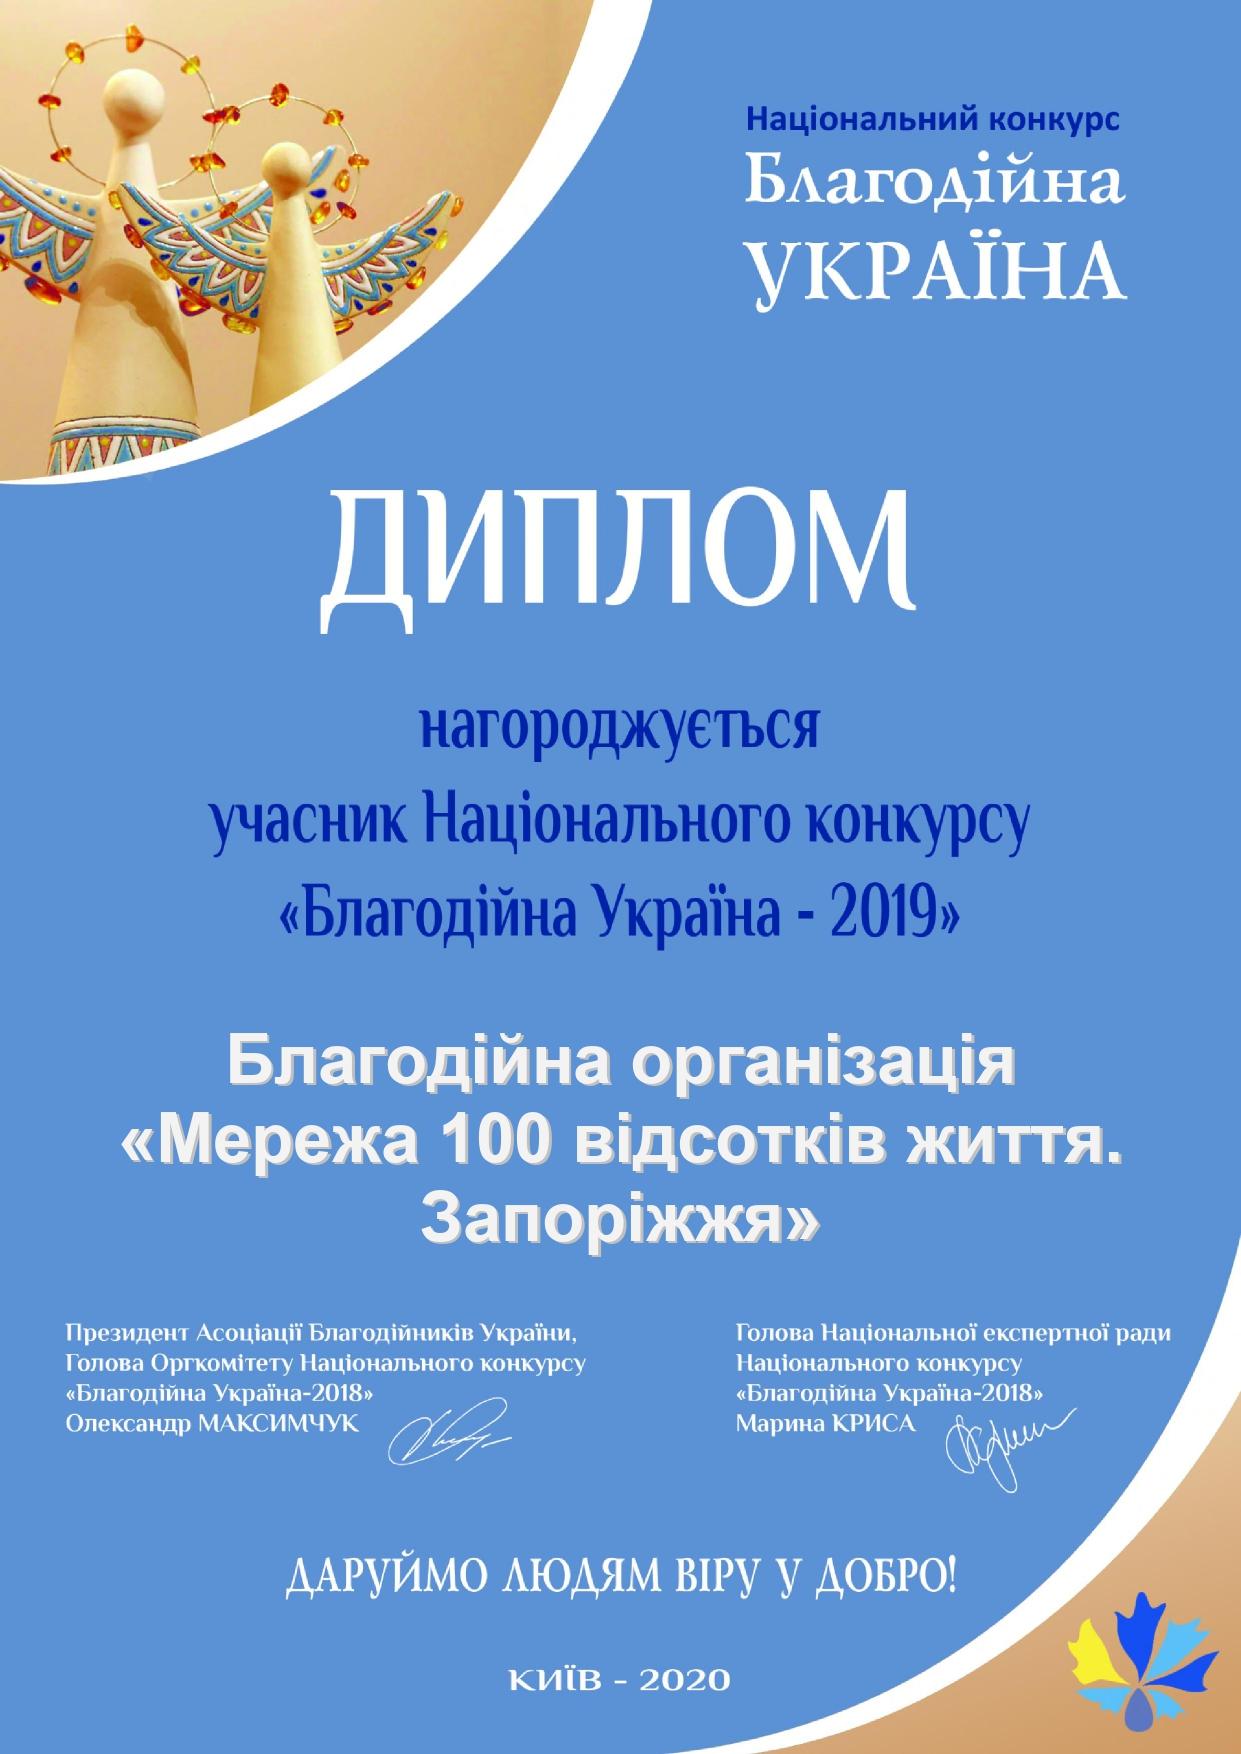 БО «Мережа 100 відсотків  життя. Запоріжжя» взяла участь в 13-му щорічному Національному конкурсі «Благодійна Україна-2019»